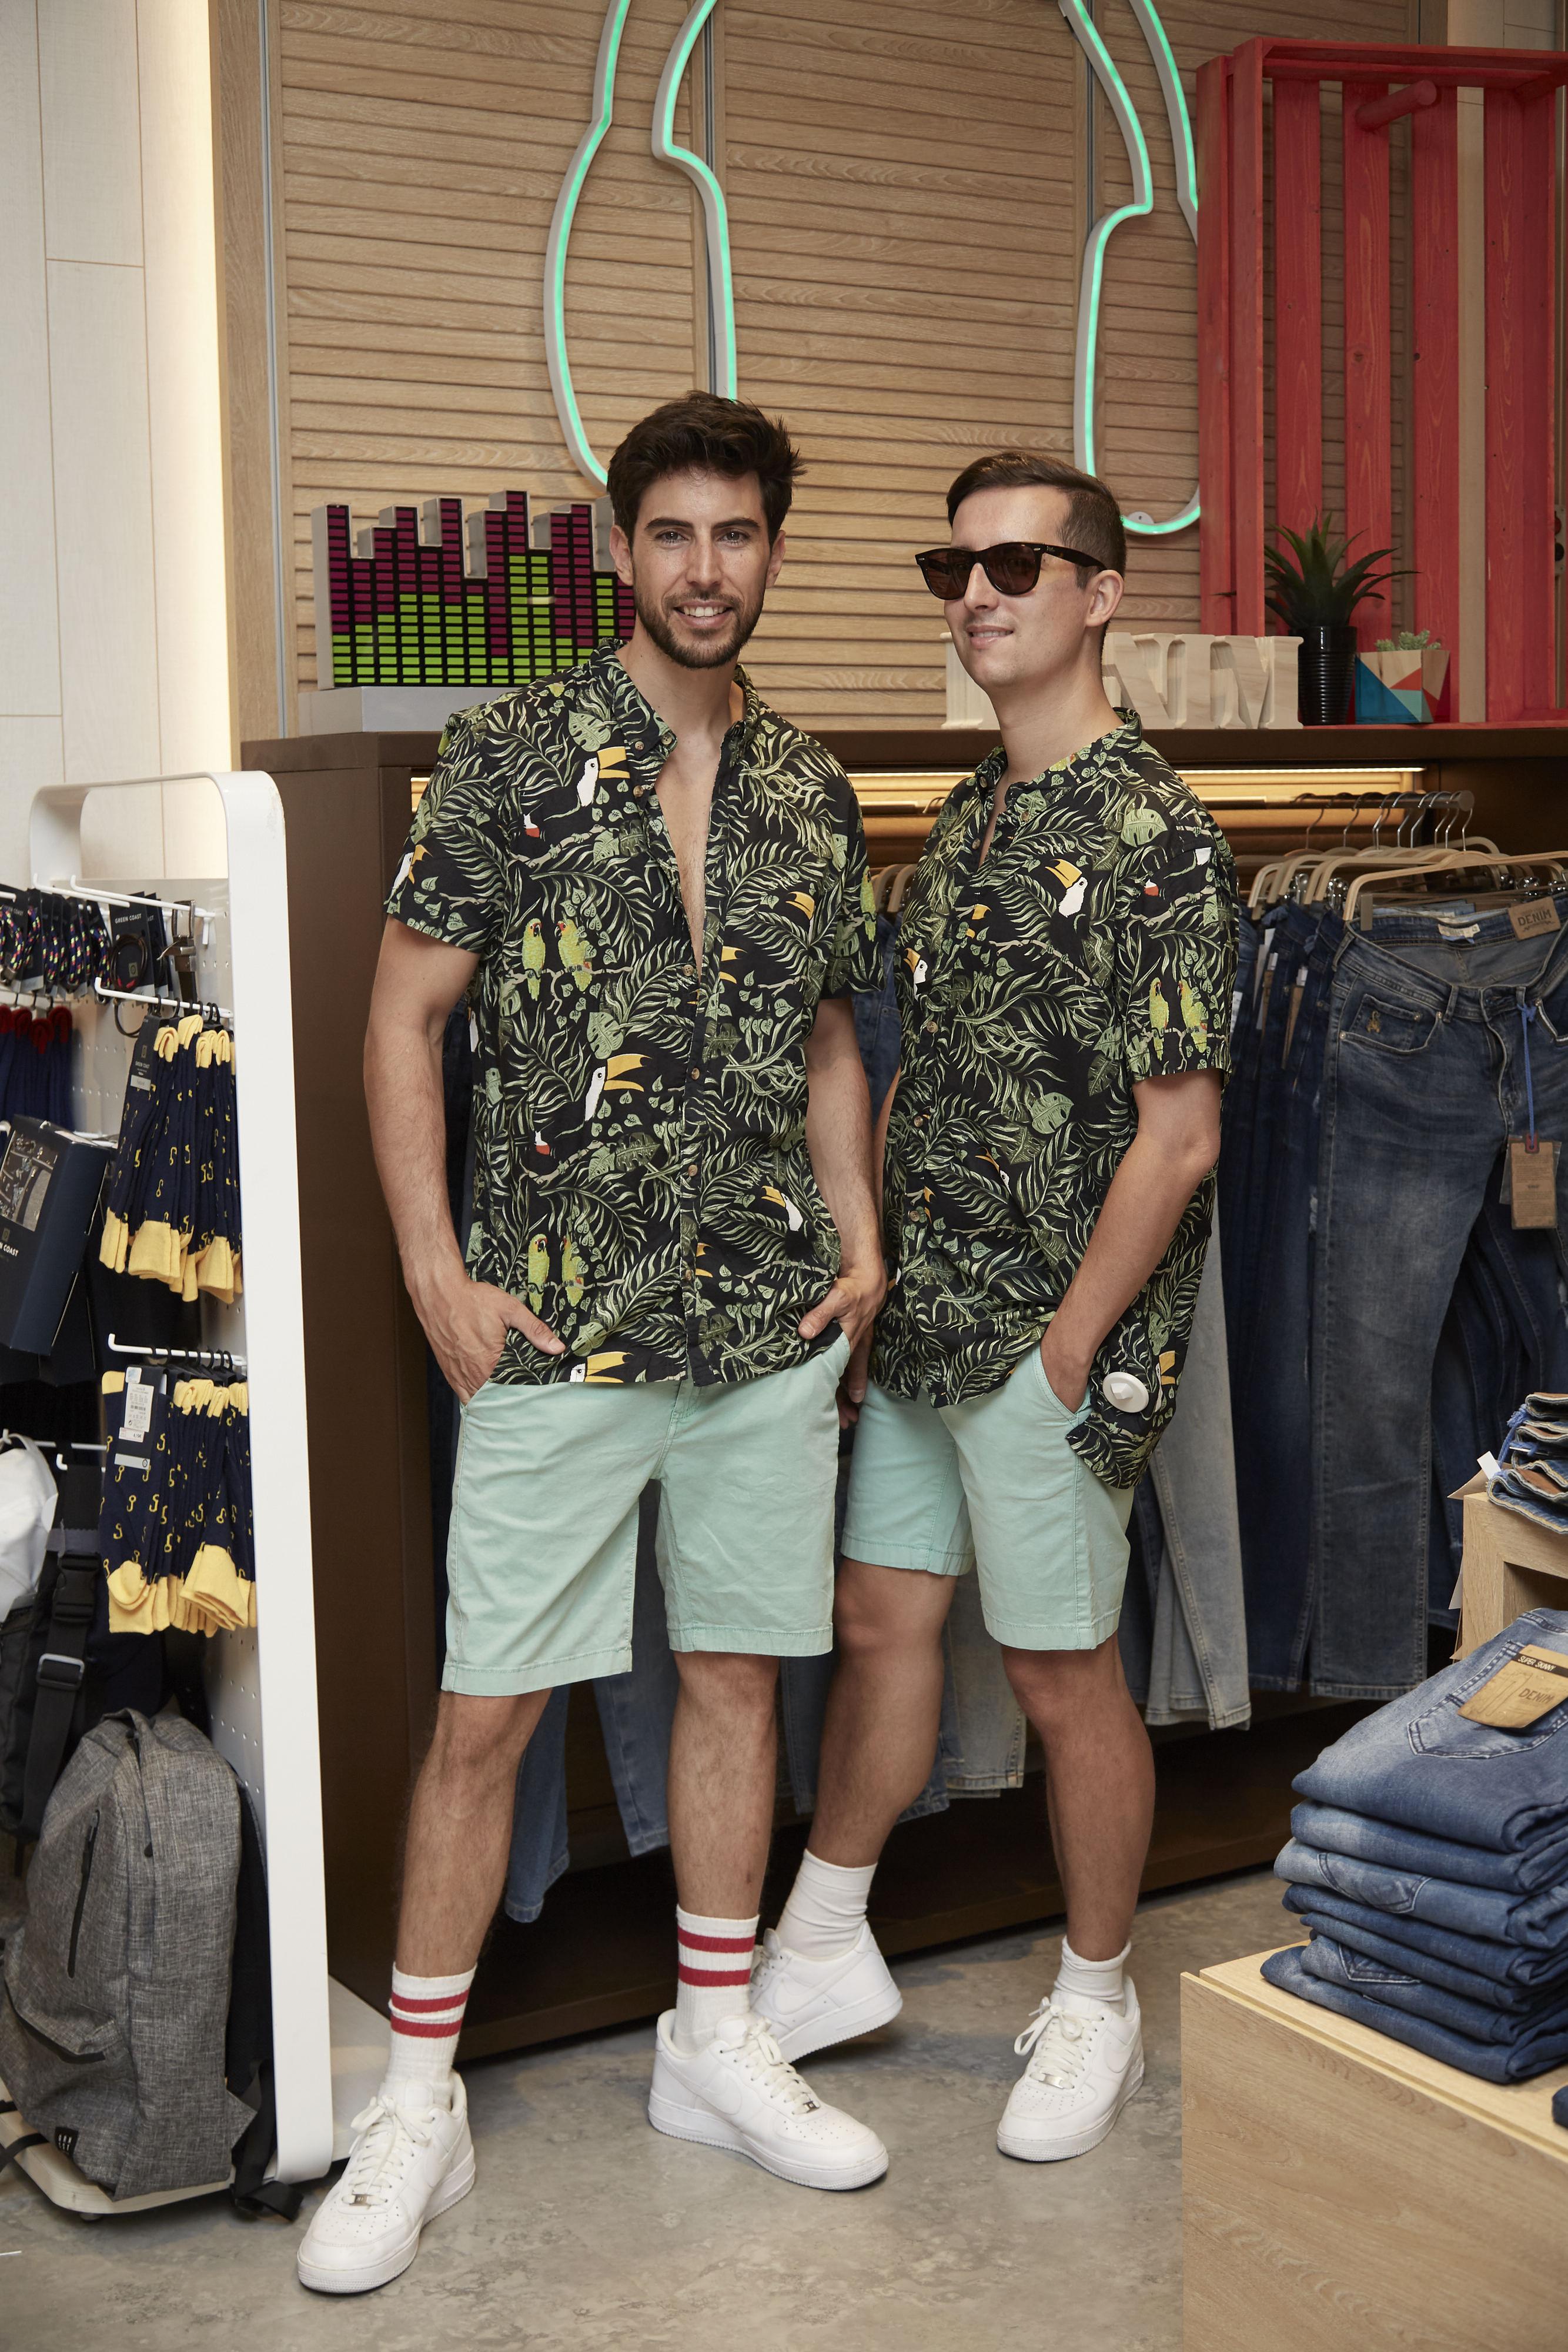 Camisa de Green Coast y bermudas de Green Coast